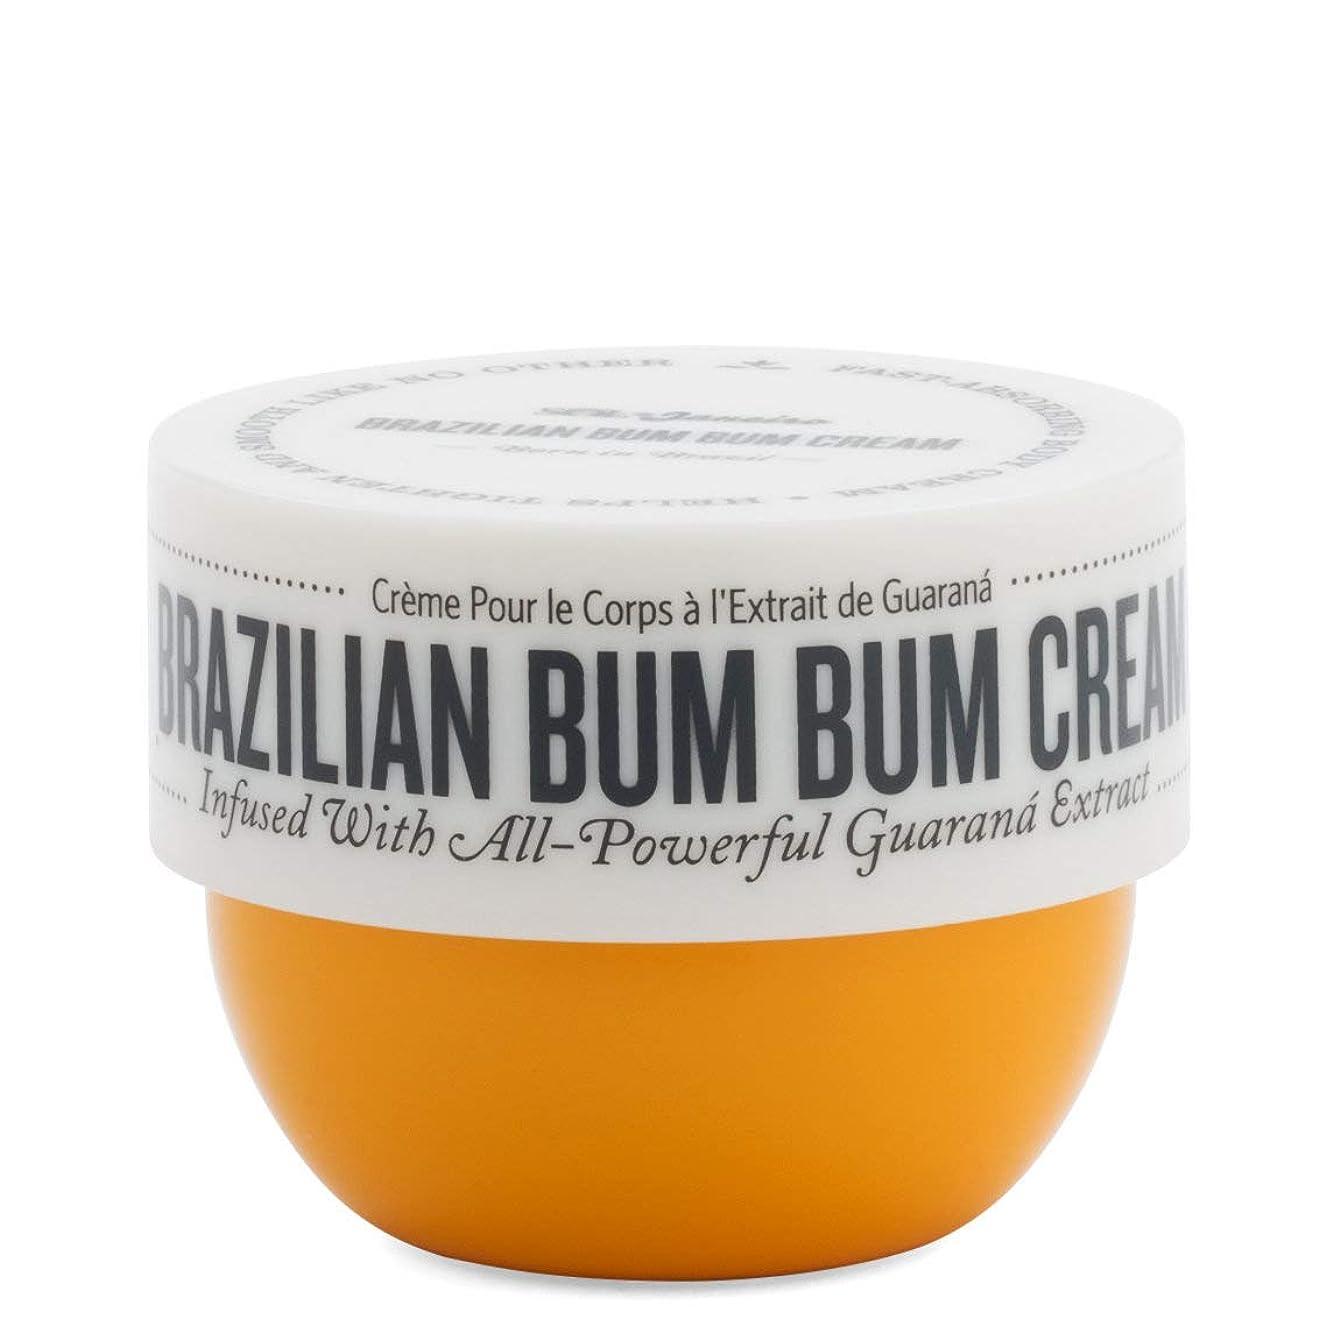 無駄評価するもの《 ブラジリアン ブンブンクリーム 》Brazilian BUM BUM Cream (74ml)